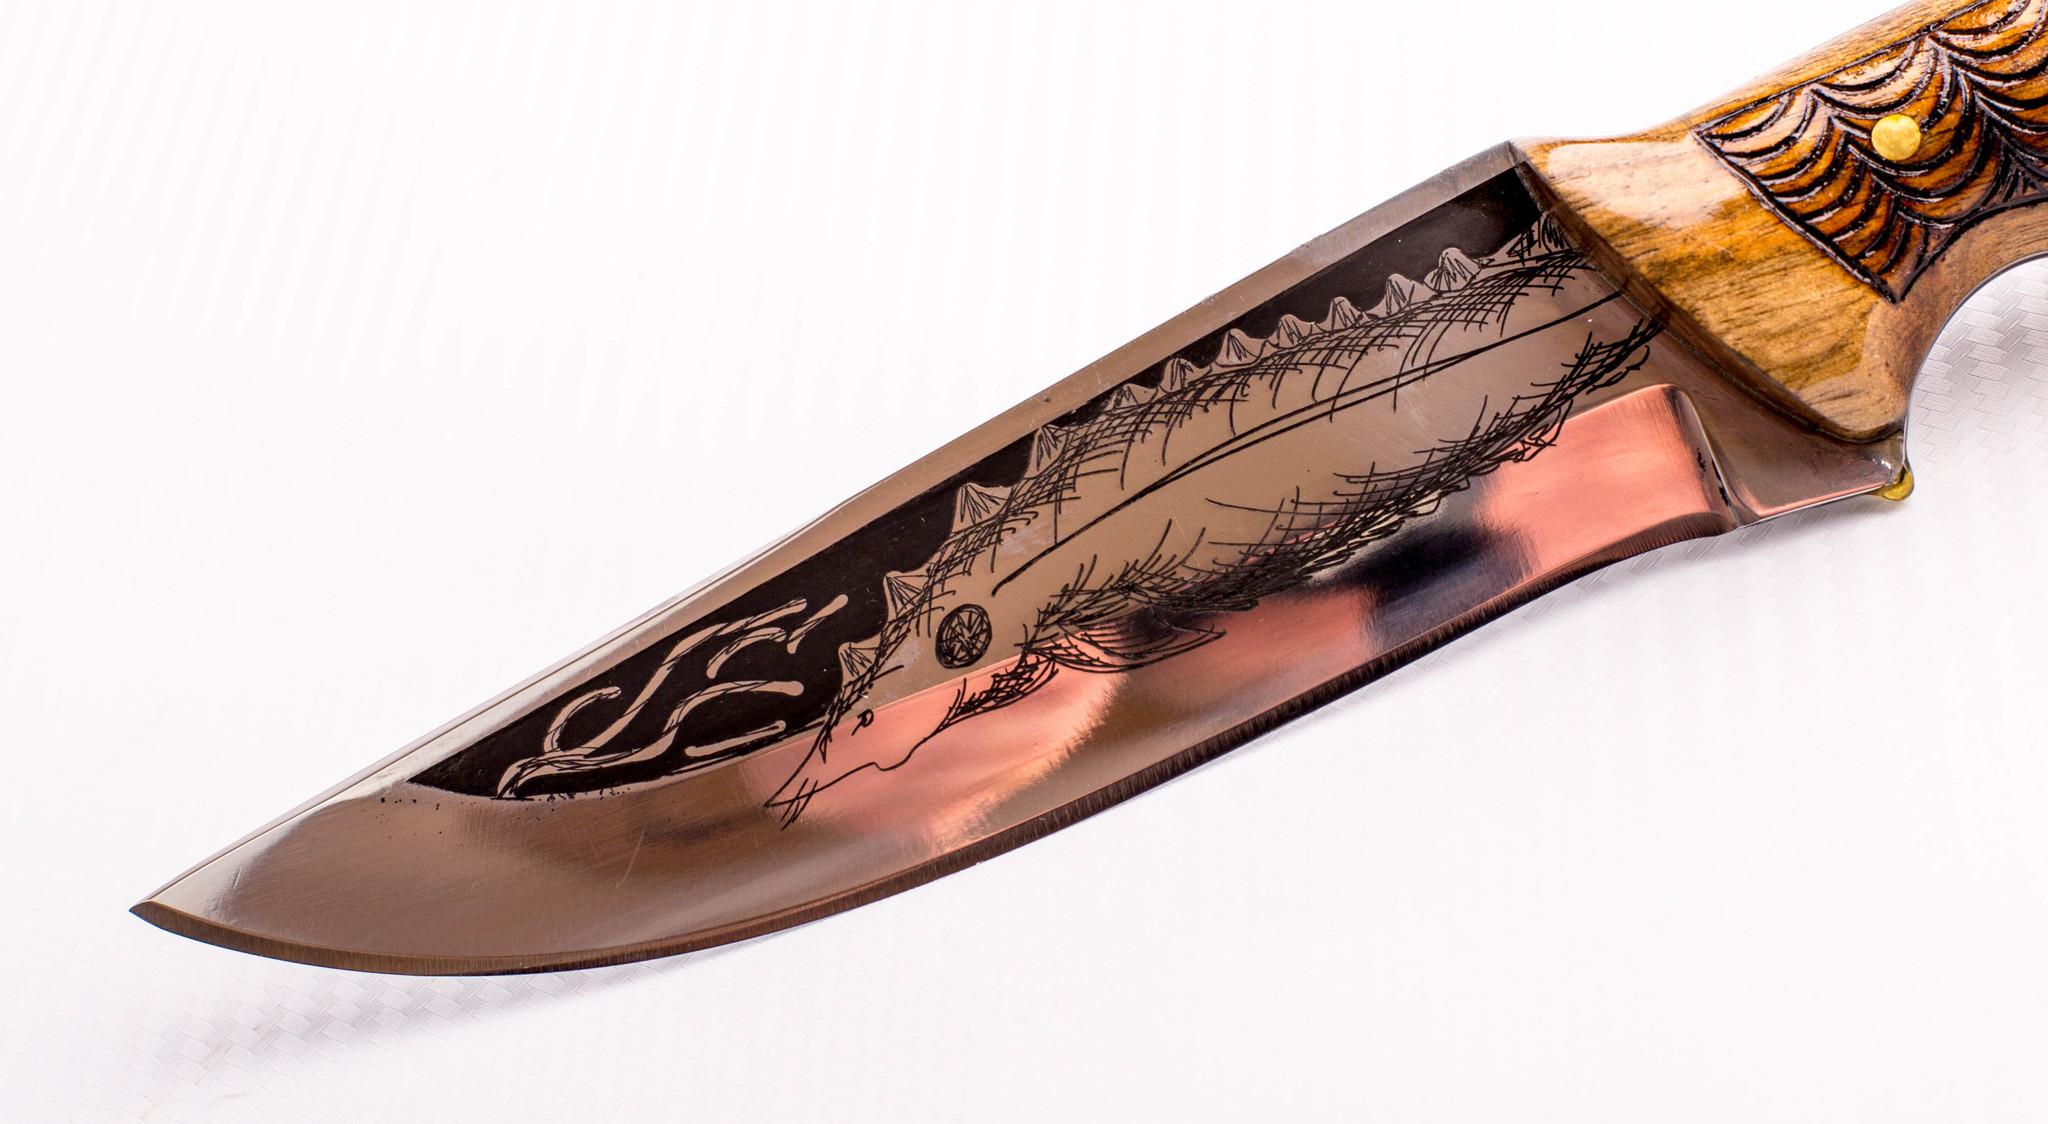 Фото 9 - Нож Морской Волк, резной, Кизляр СТО, сталь 65х13